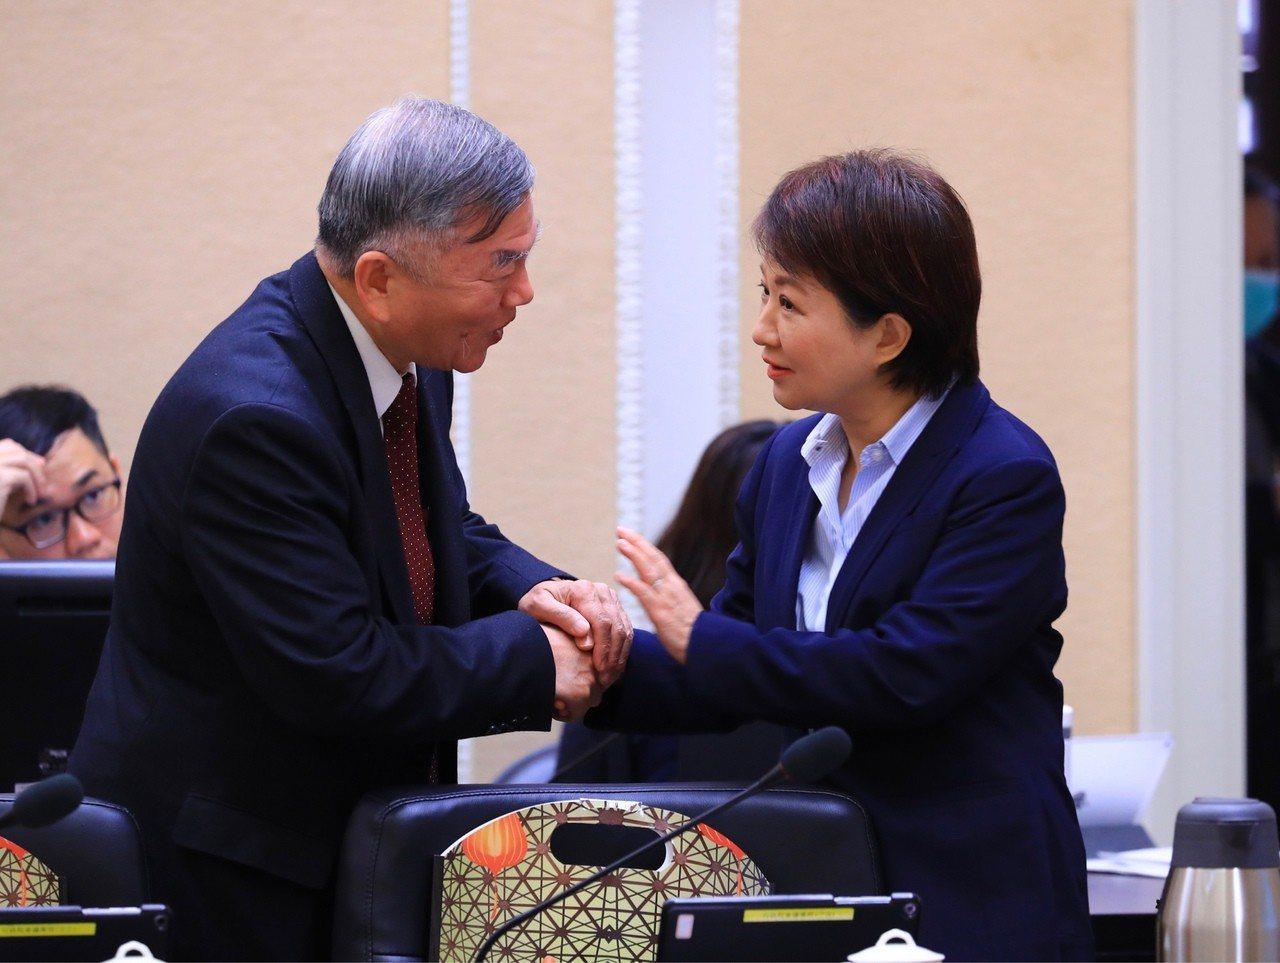 台中市長盧秀燕(右)今出席行政院會,與經濟部長沈榮津會面握手;兩人周二就中火四號...